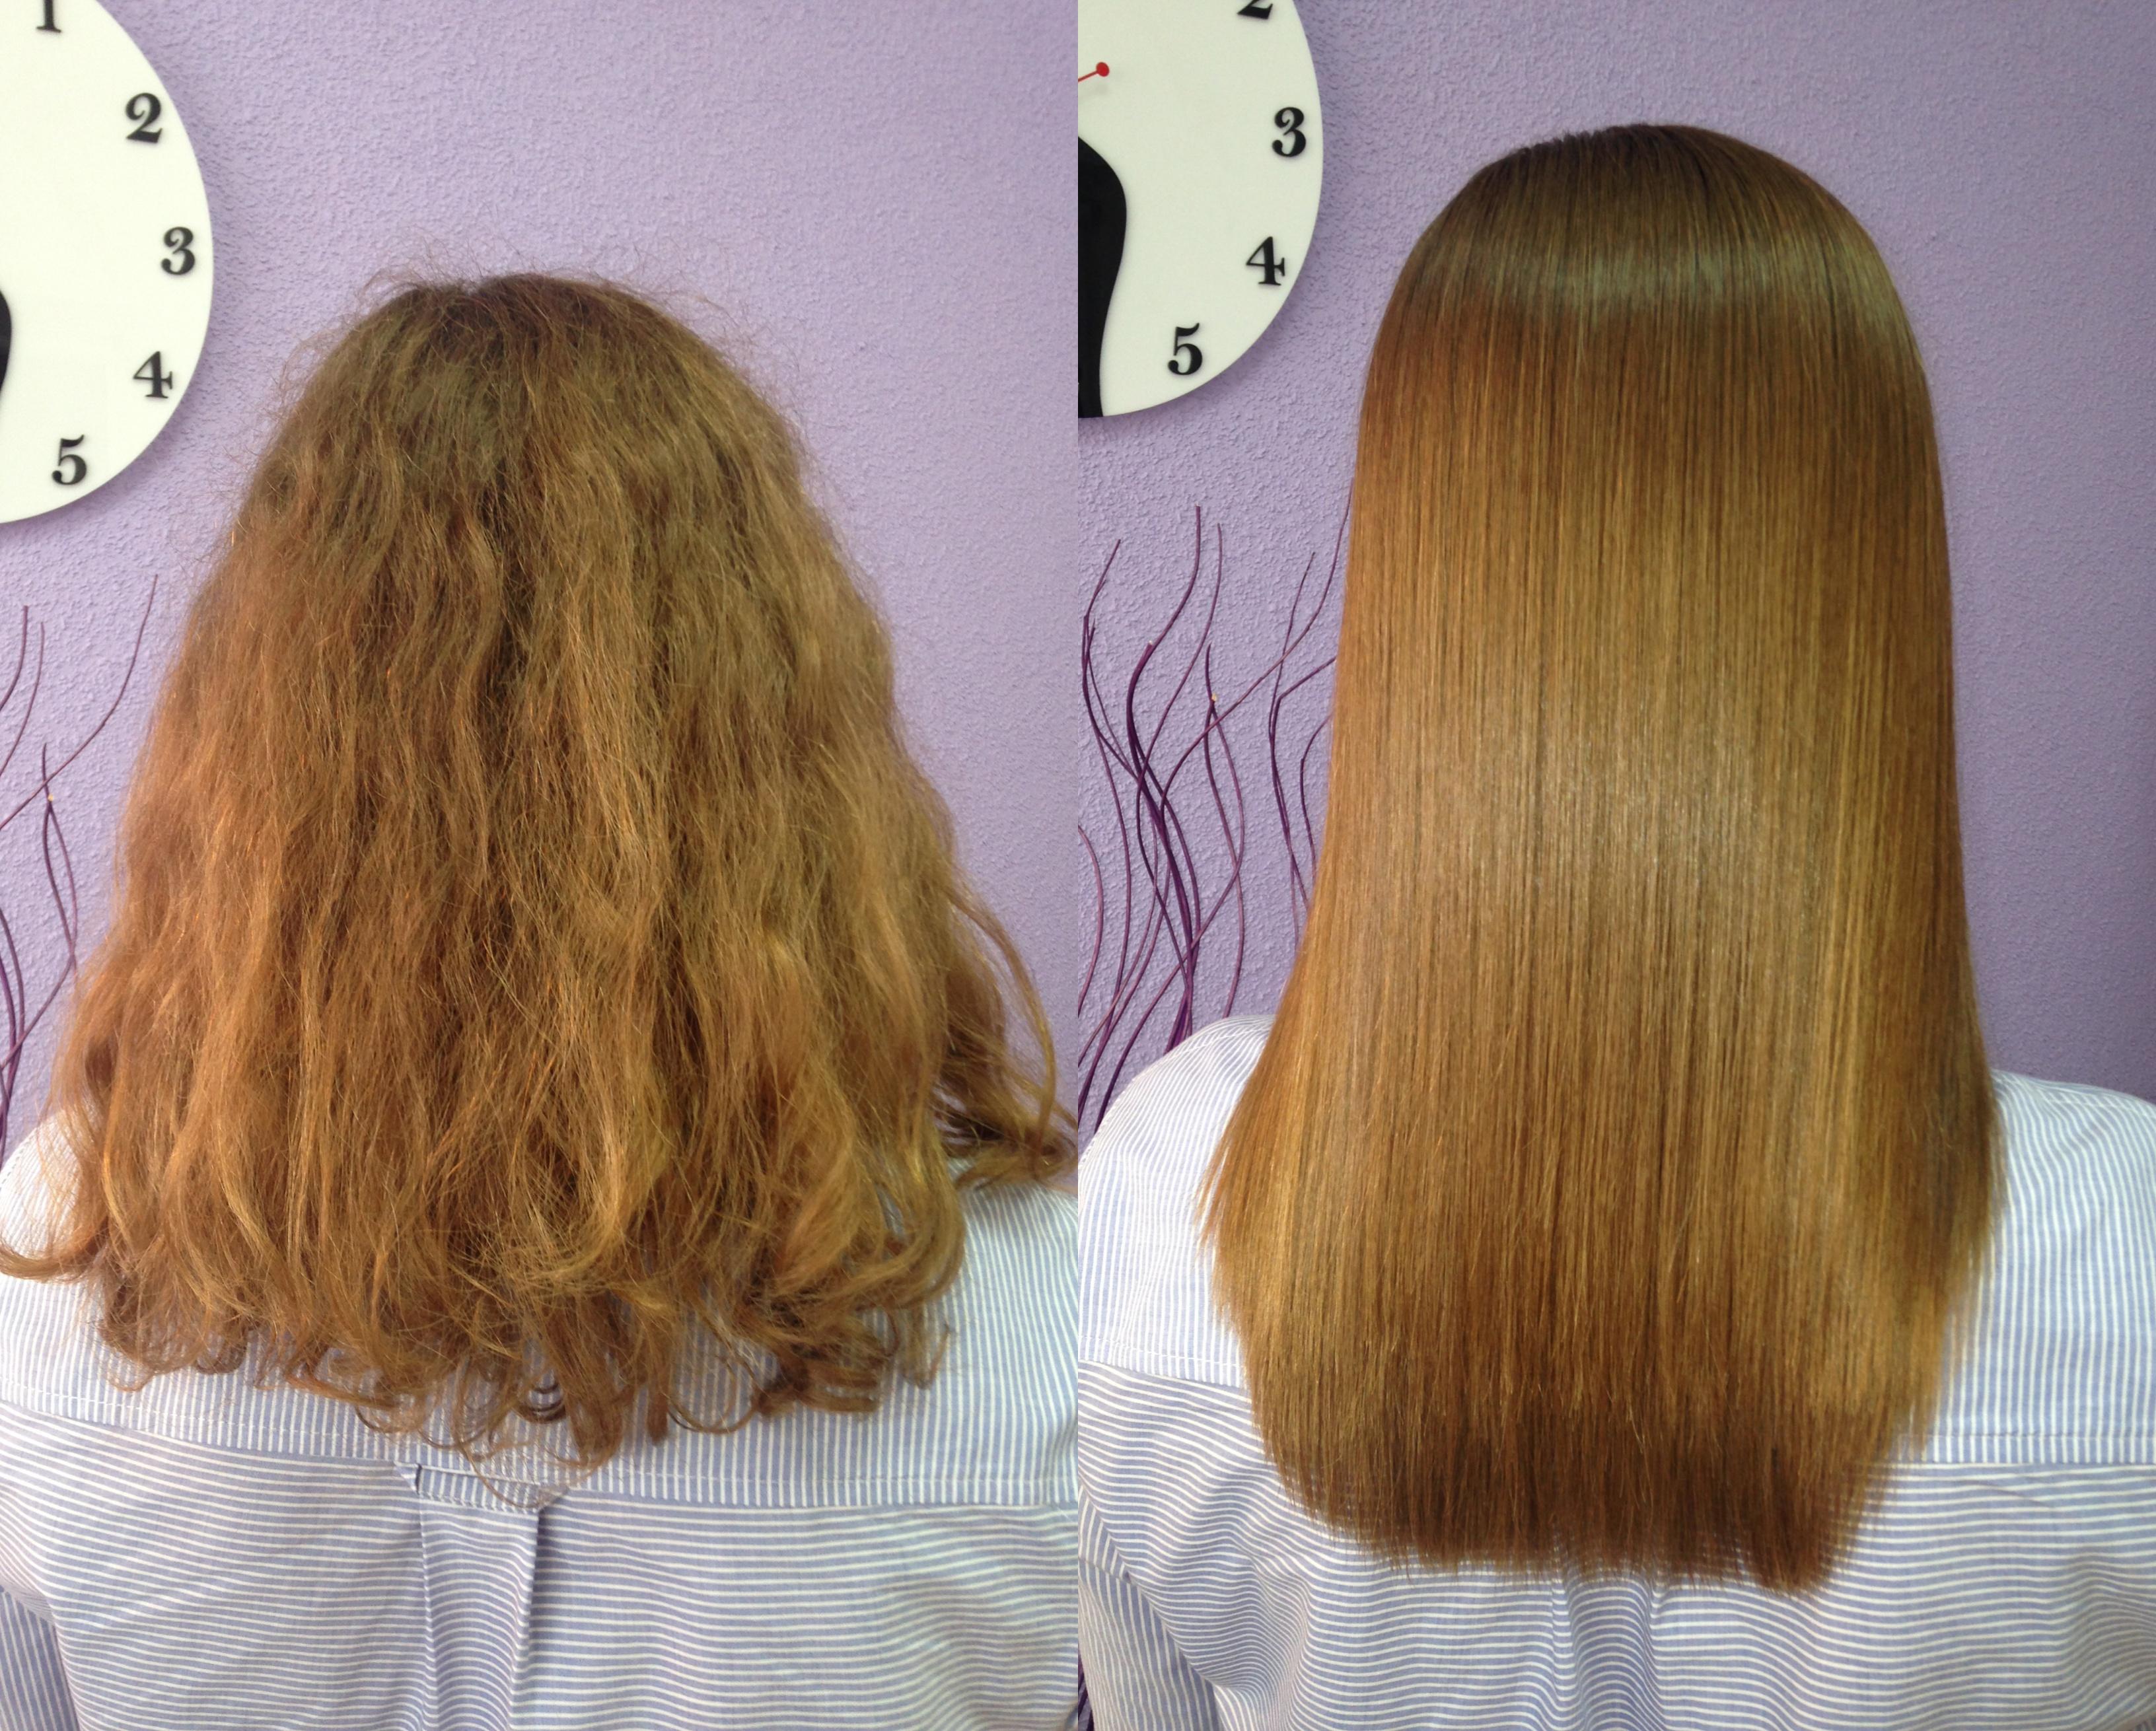 Кератиновое выпрямление и лечение, биксипластия, ботокс и реконструкция волос, комплекс от 25 руб.